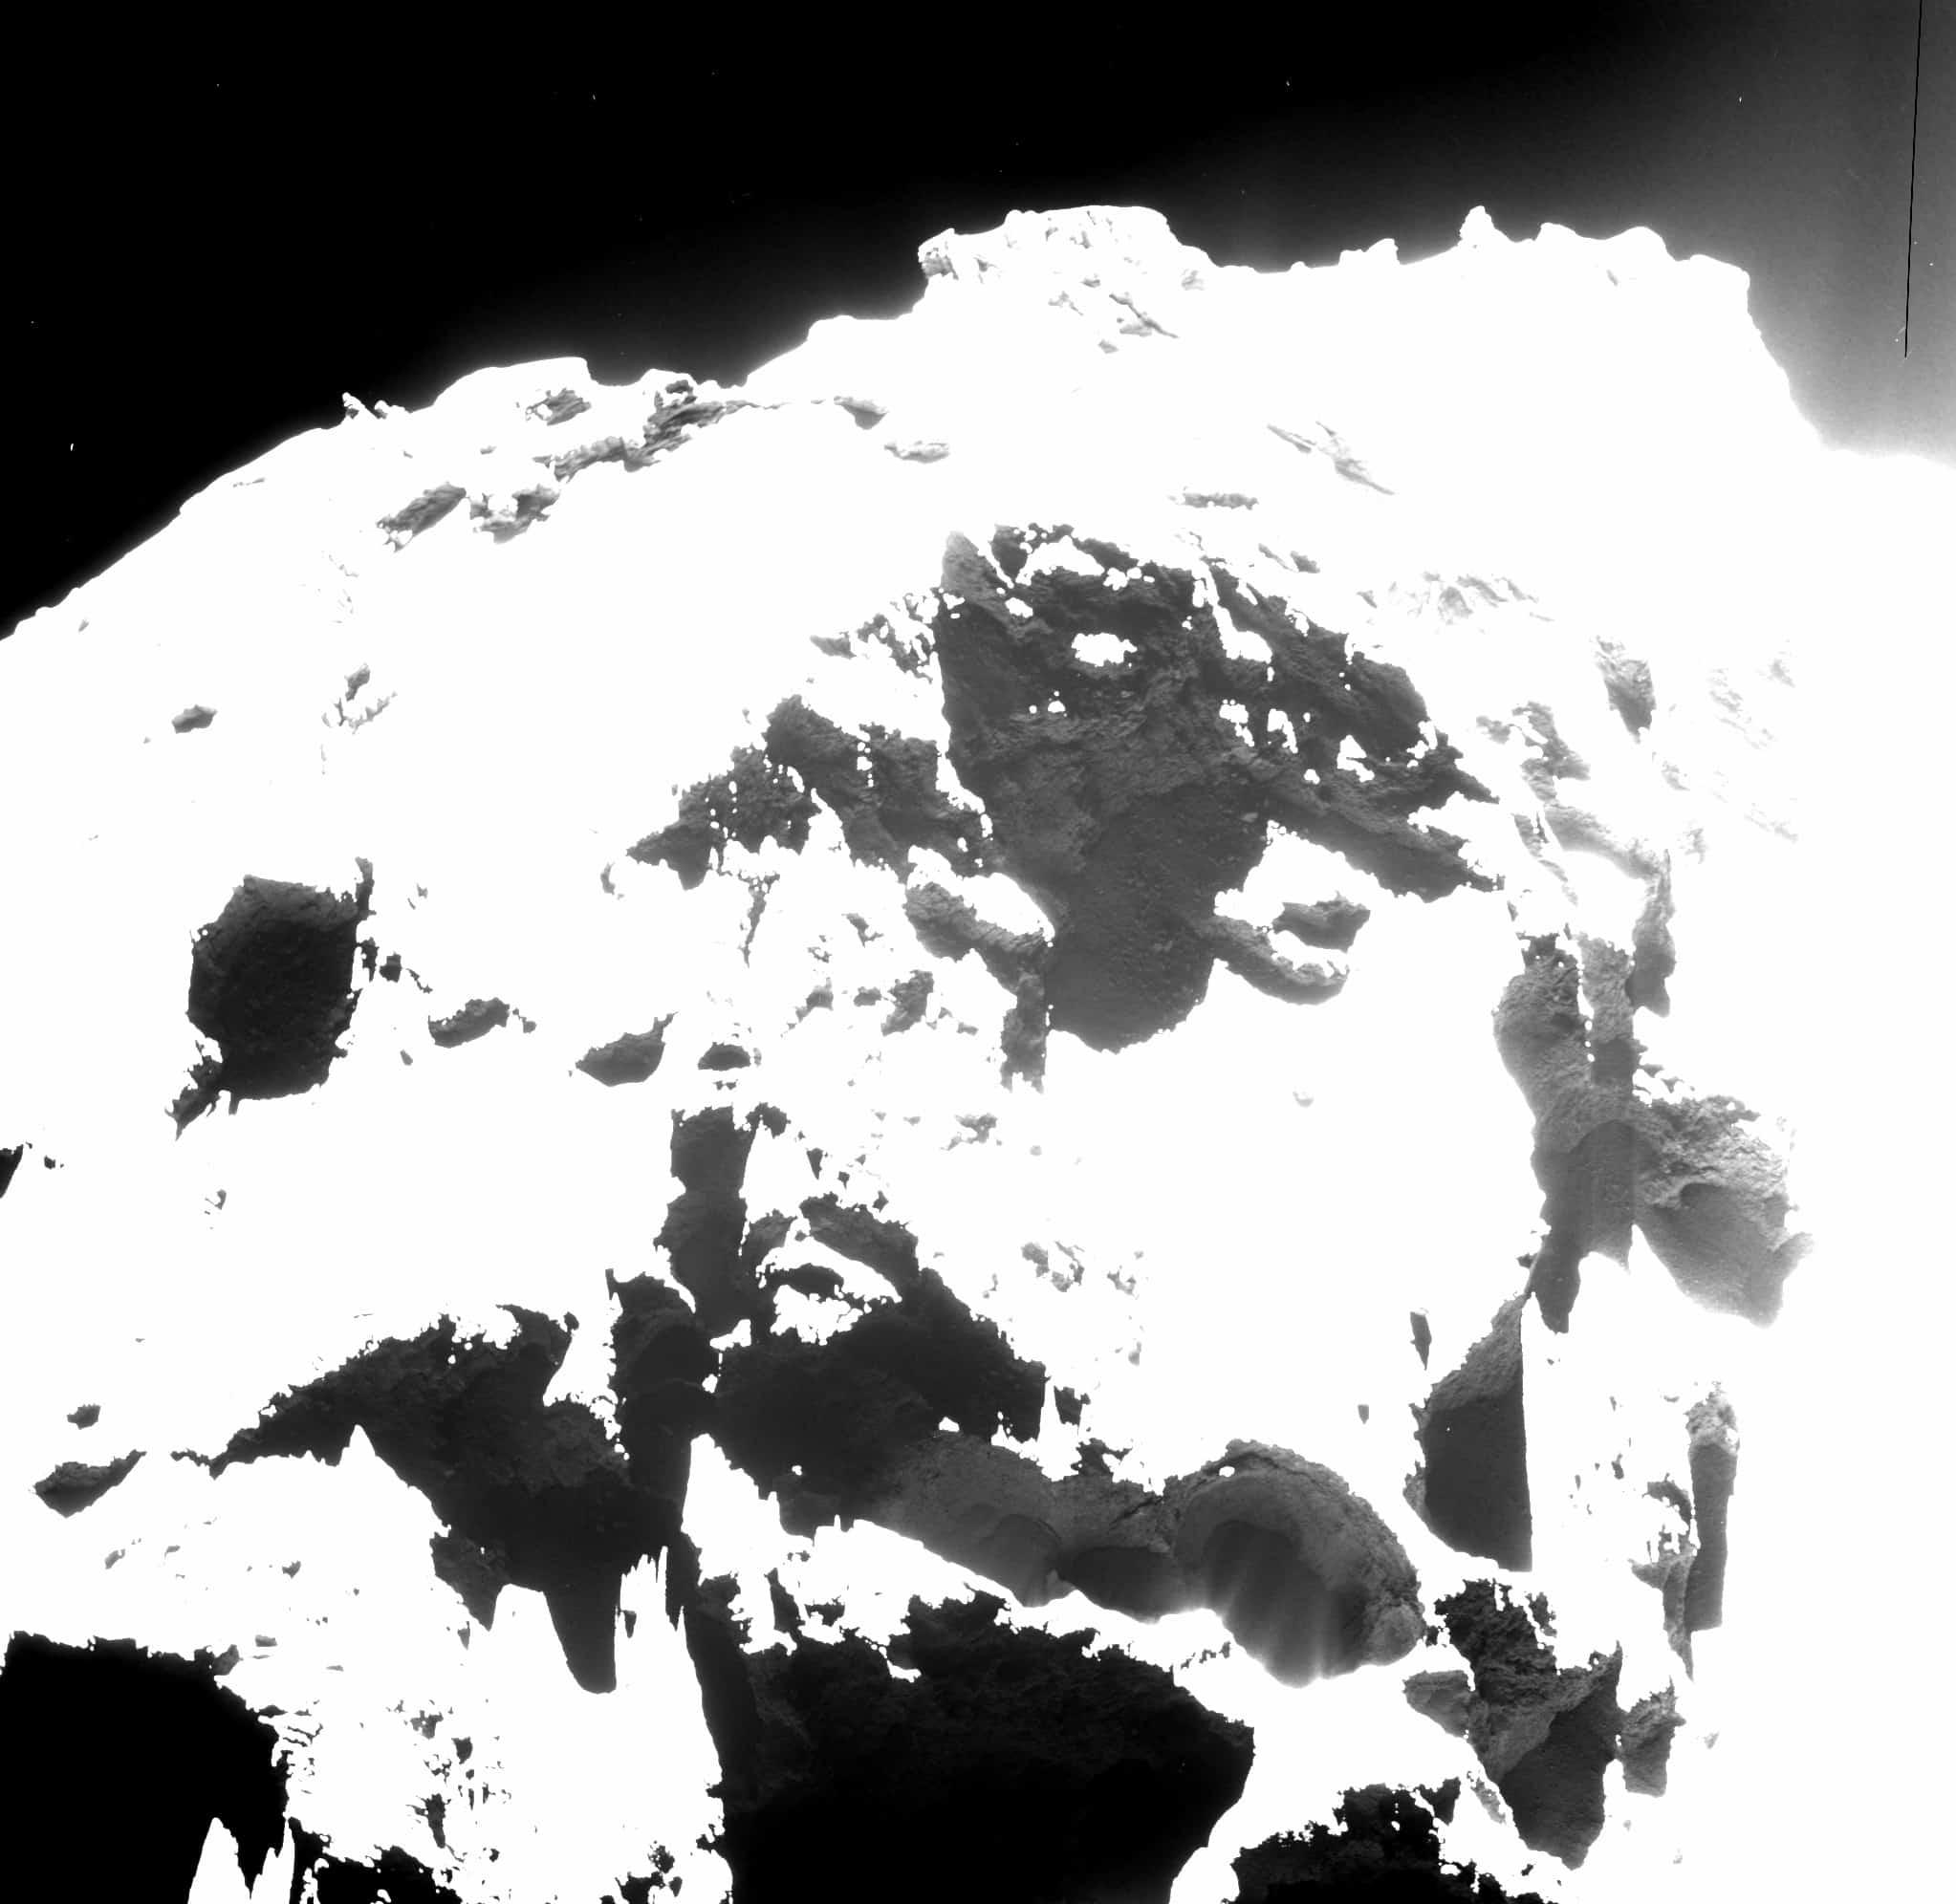 L'un des puits actifs de Tchouri, photographié par la sonde Rosetta.